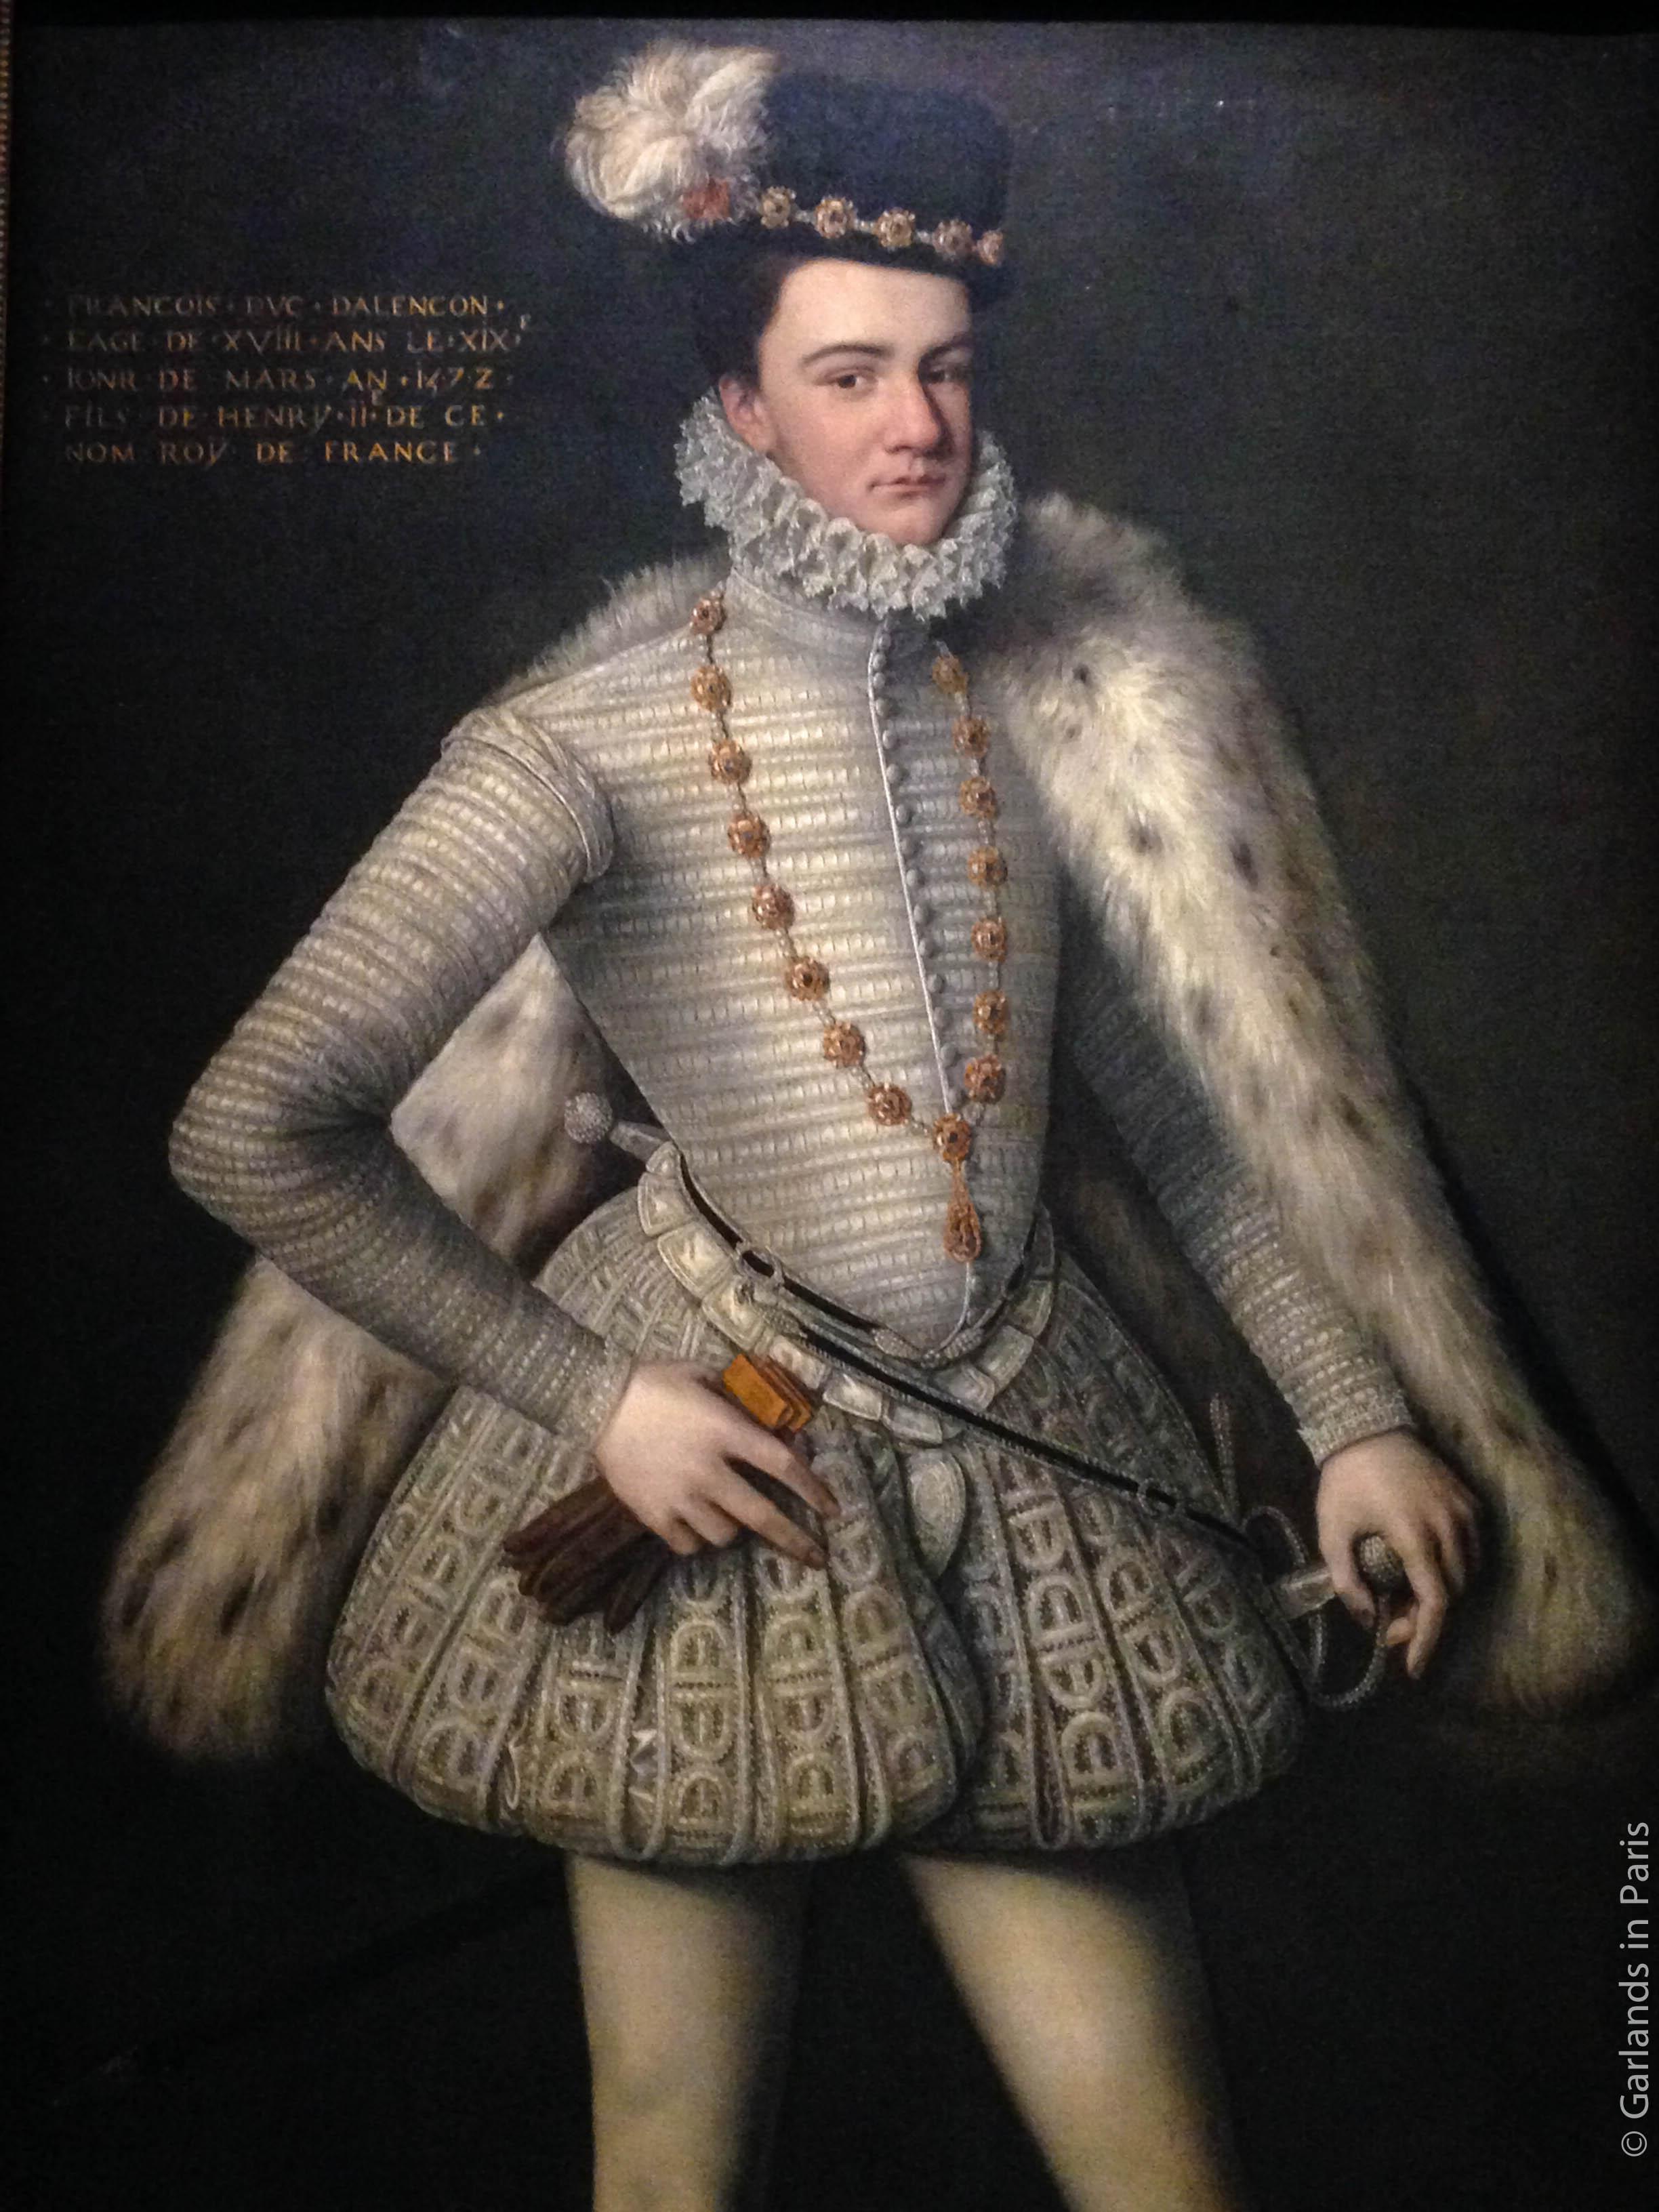 Prince Hercule-François portrait, Musée du Luxembourg, Paris